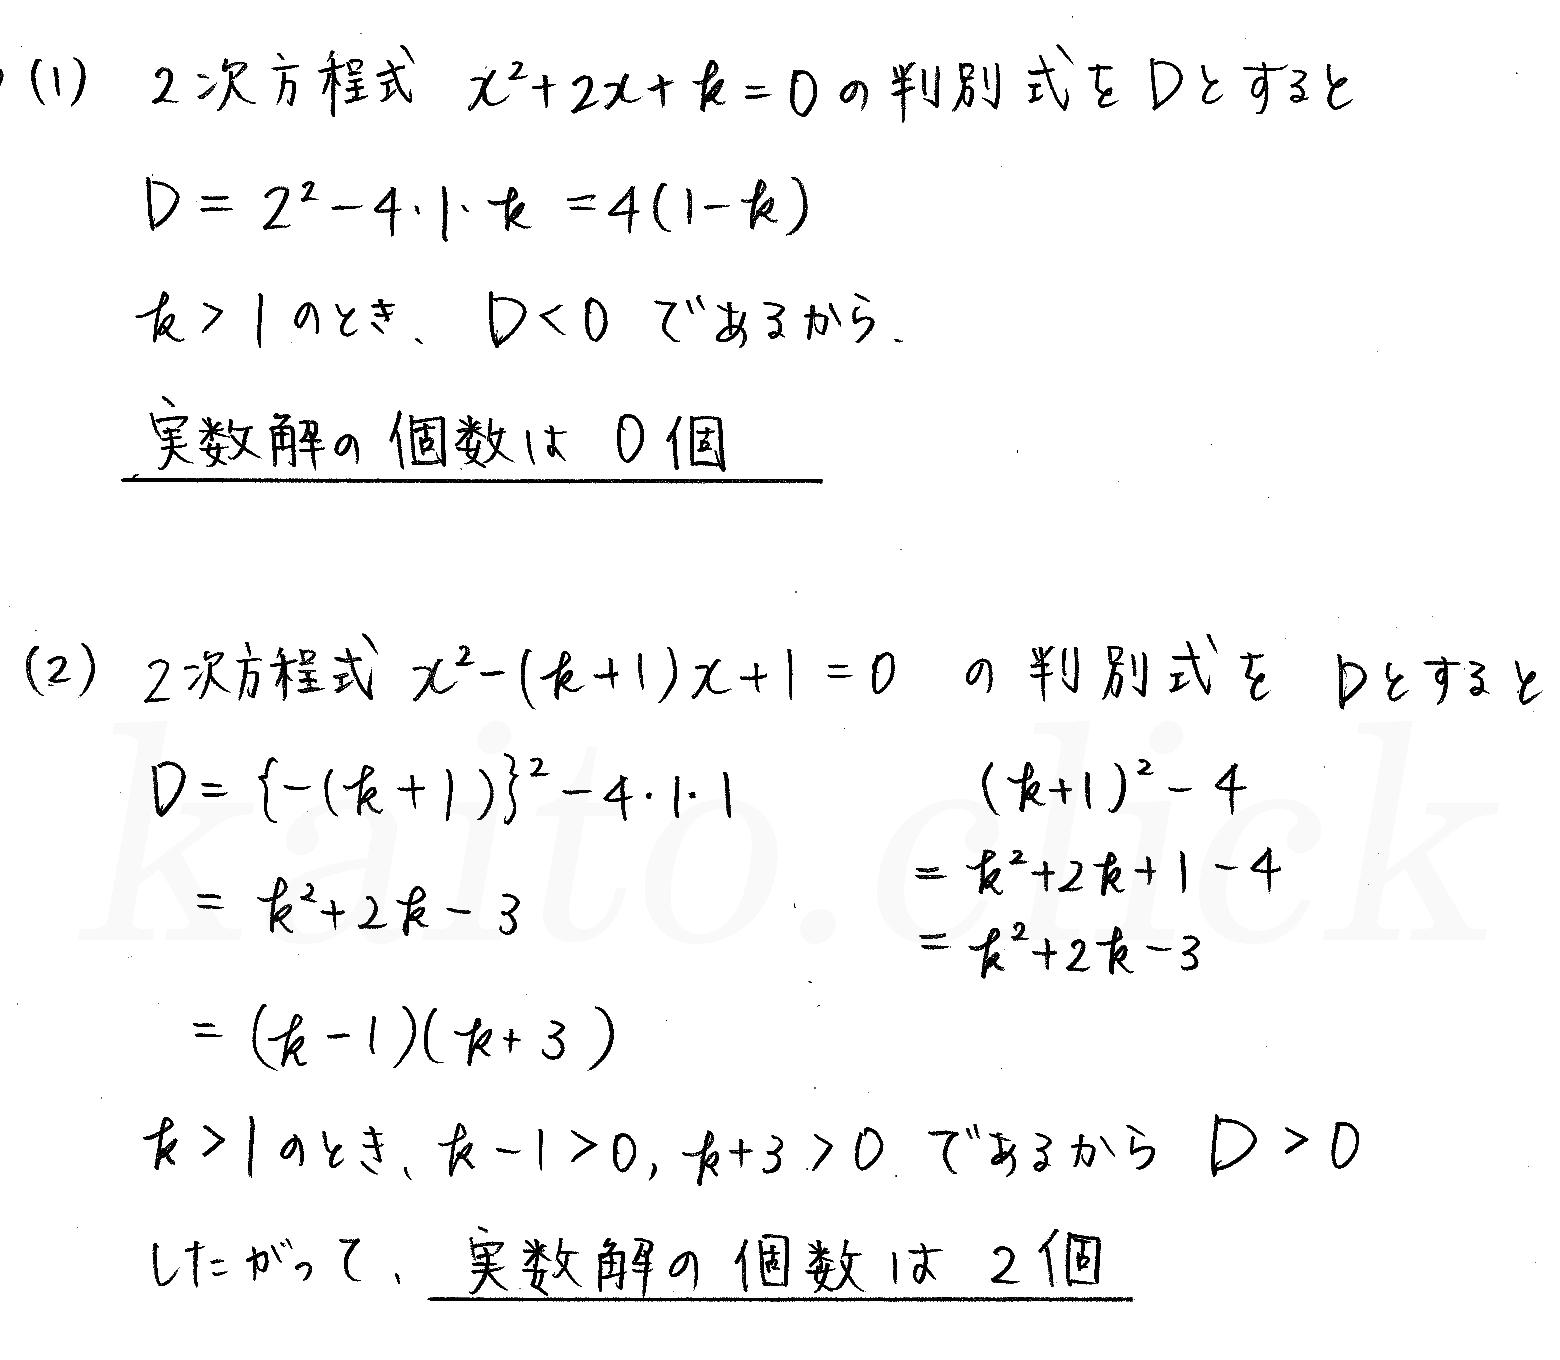 クリアー数学1-206解答